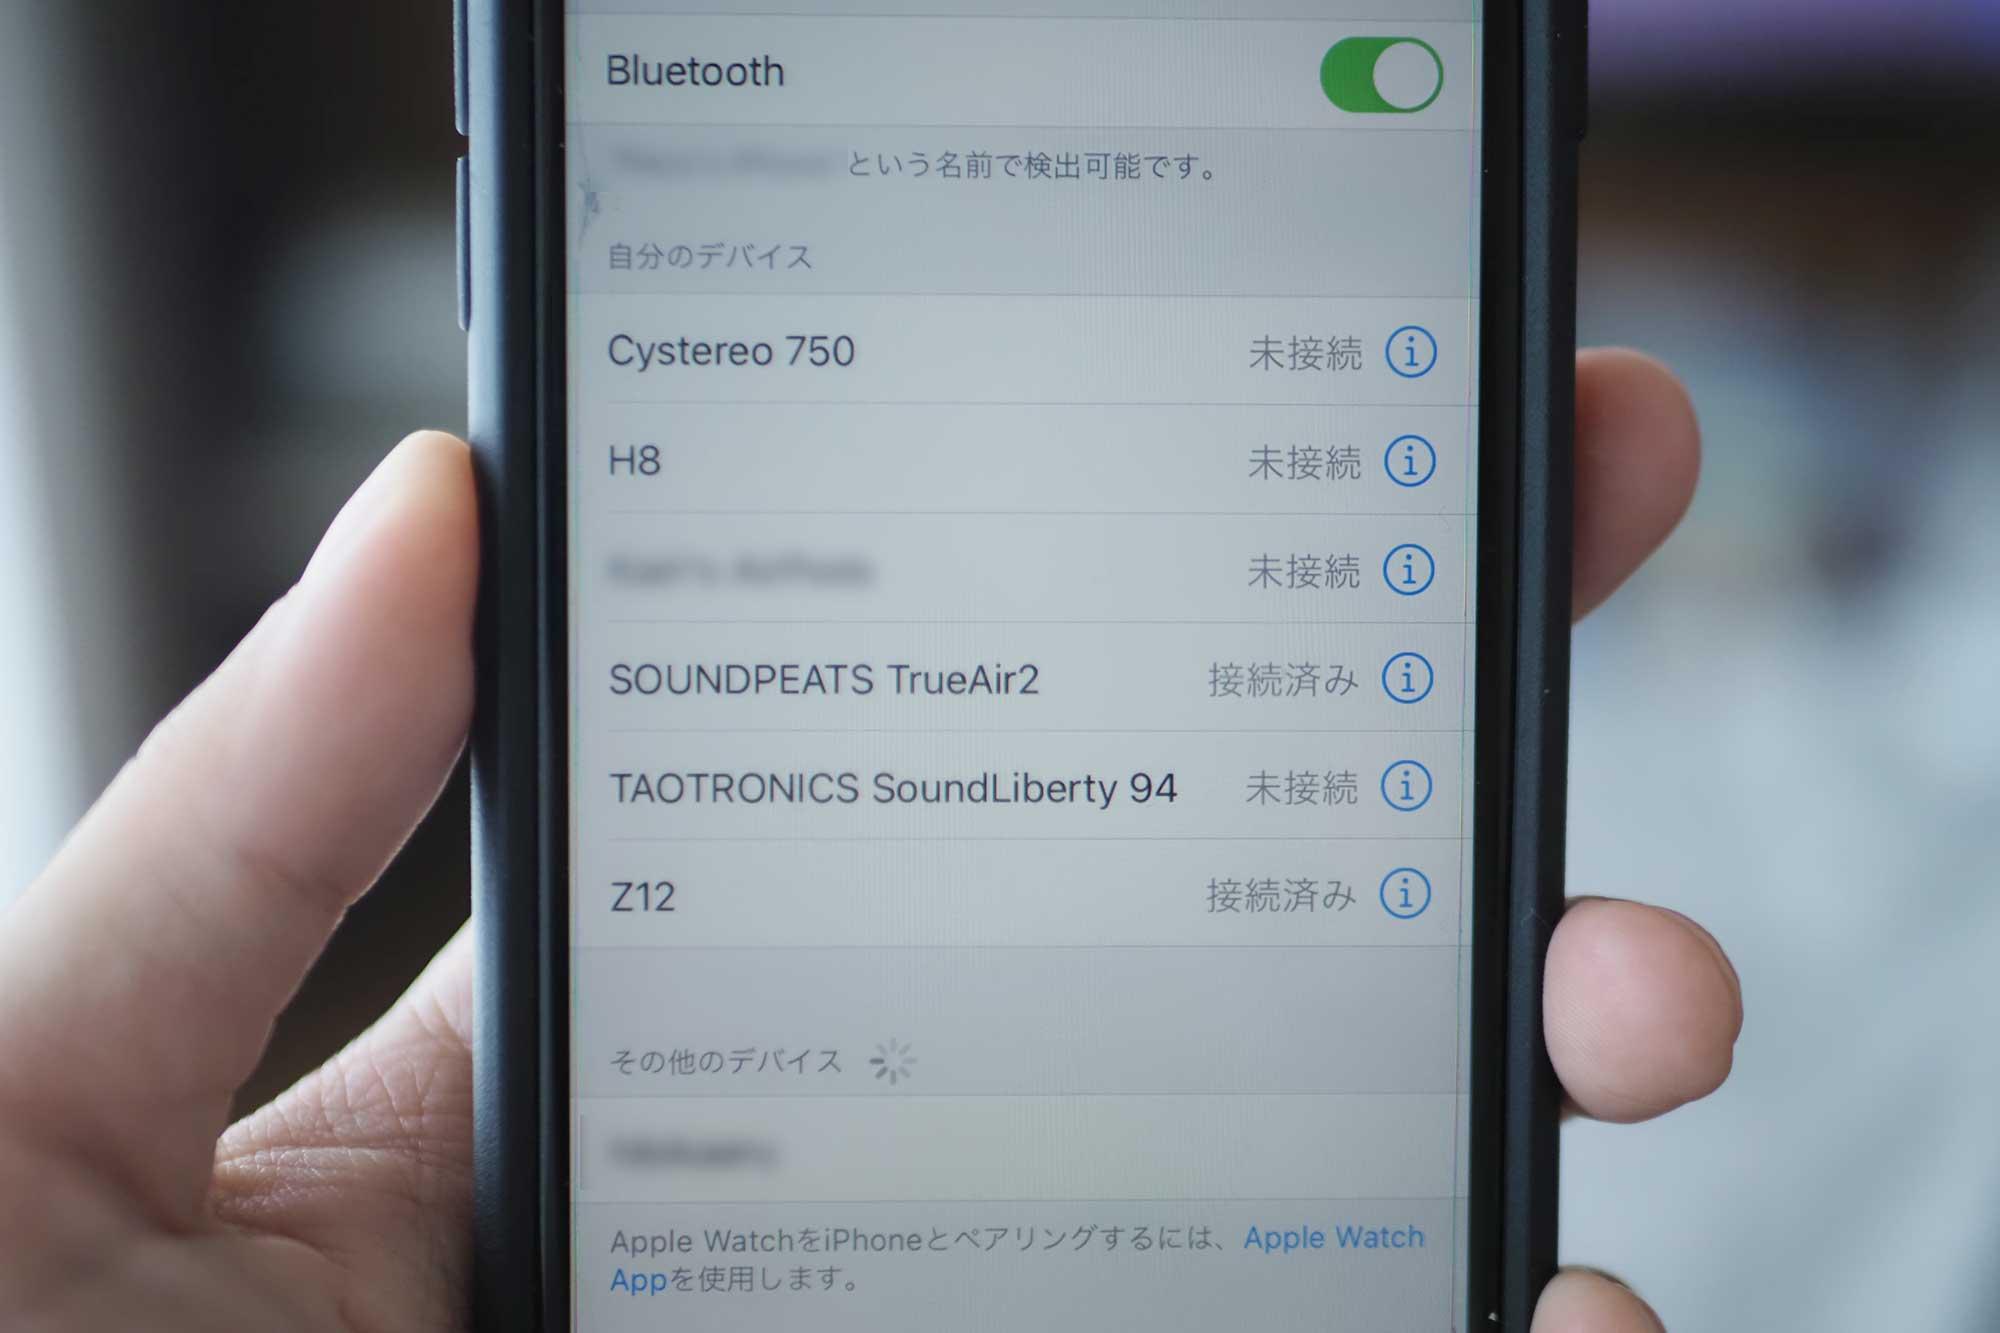 ワイヤレスイヤホン,サウンドピーツ,trueair2,soundpeats,ノイズキャンセリング,高音質,通話,安い,コスパ,簡単